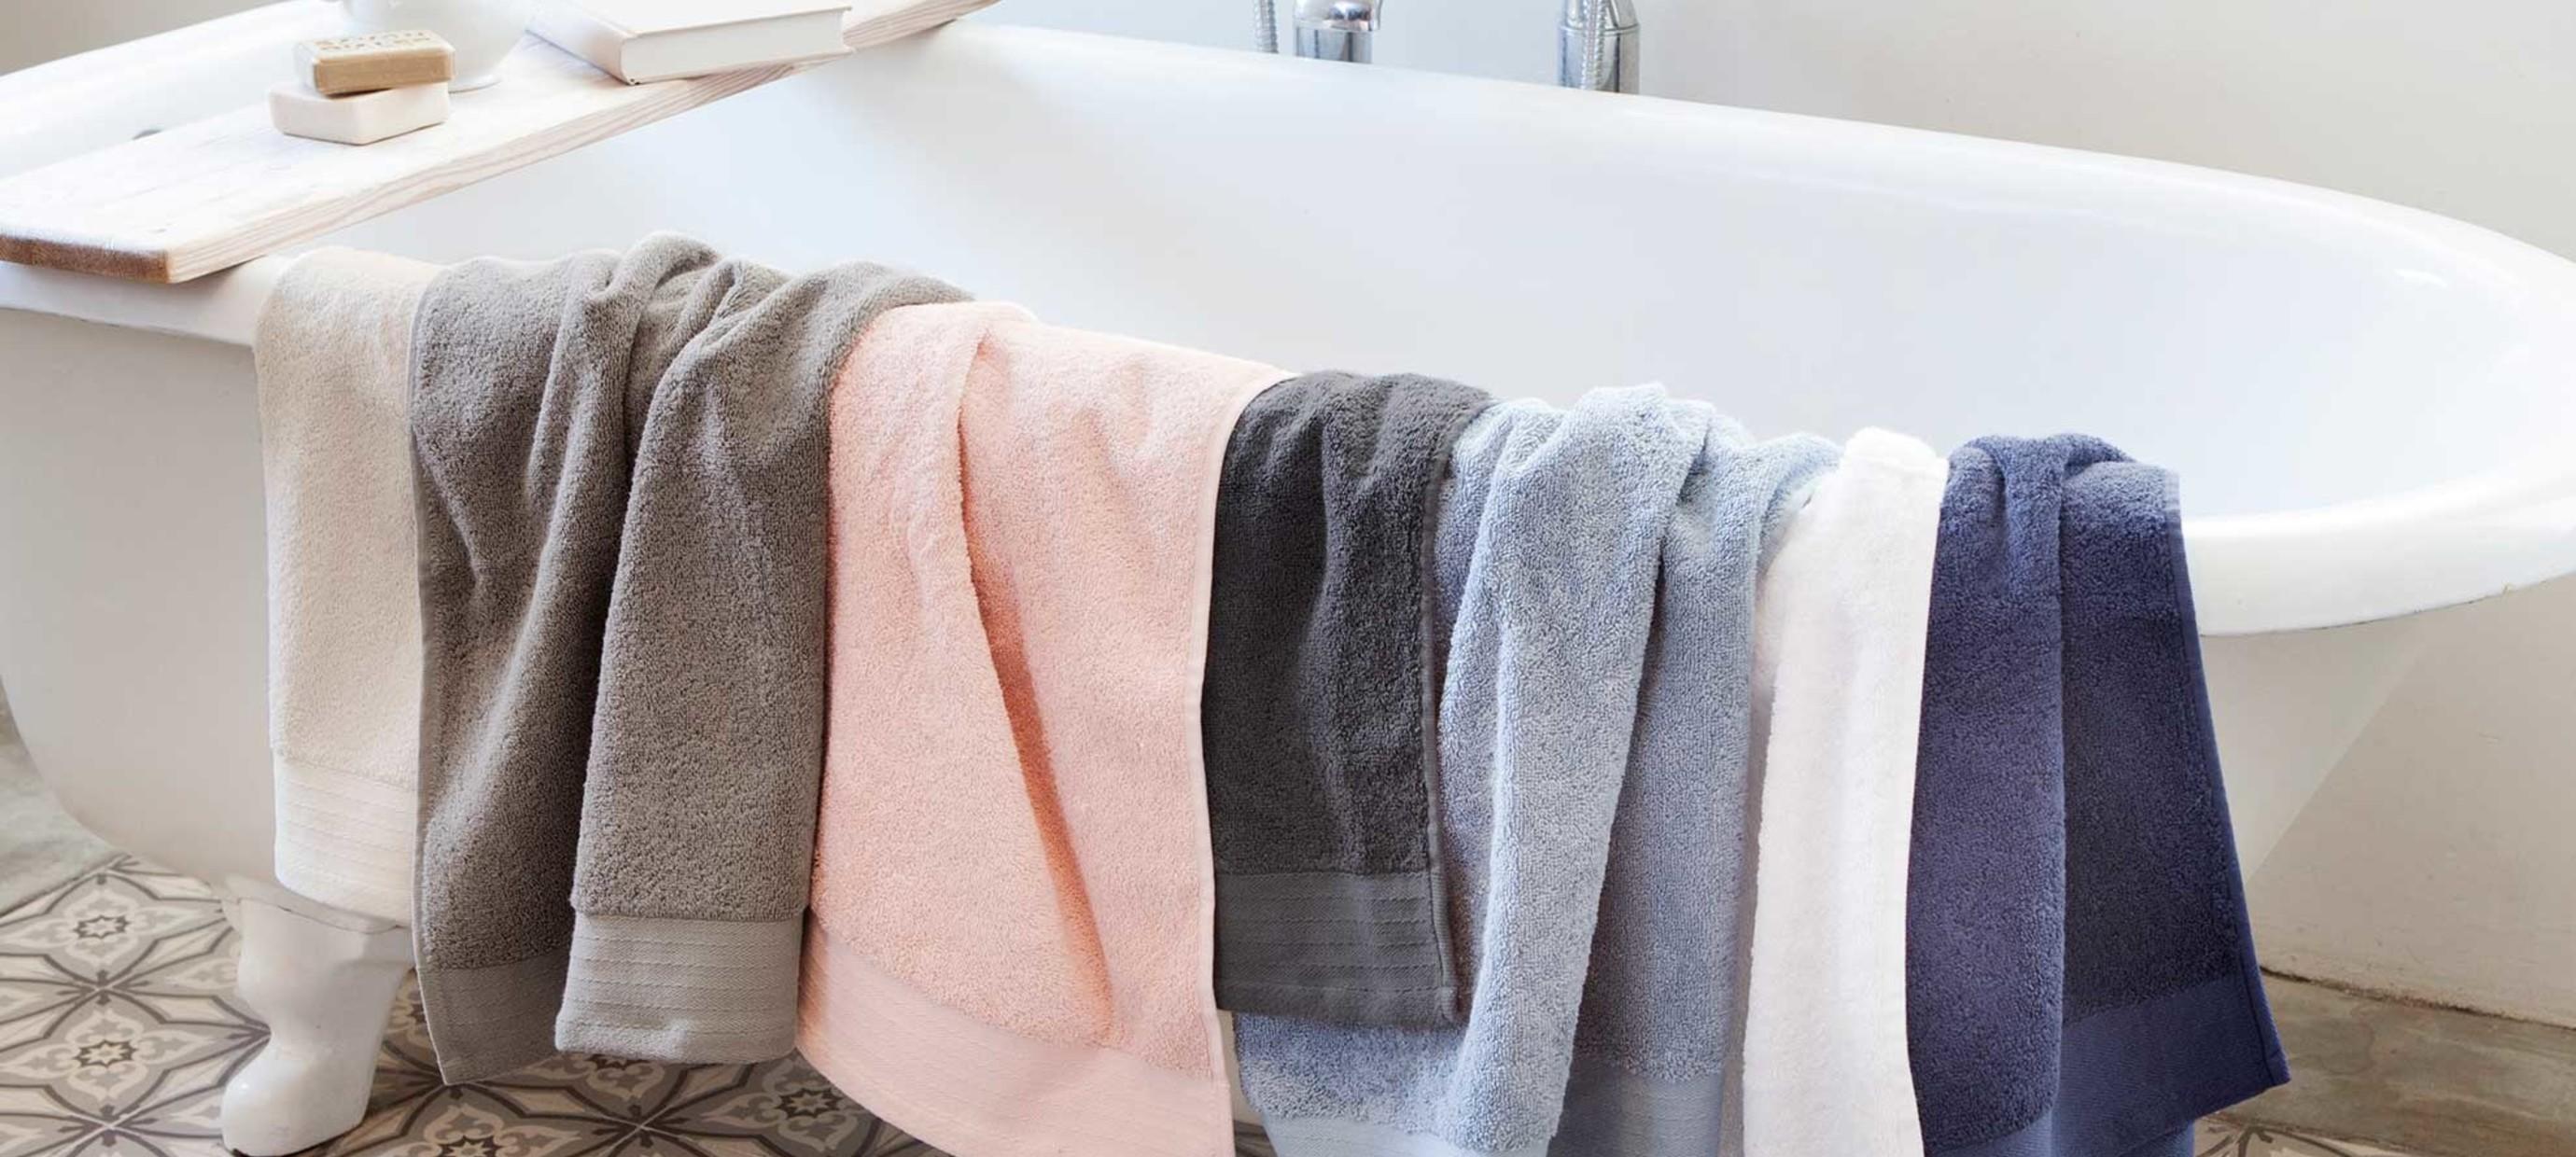 Hoe komt het dat nieuwe handdoeken niet goed drogen?